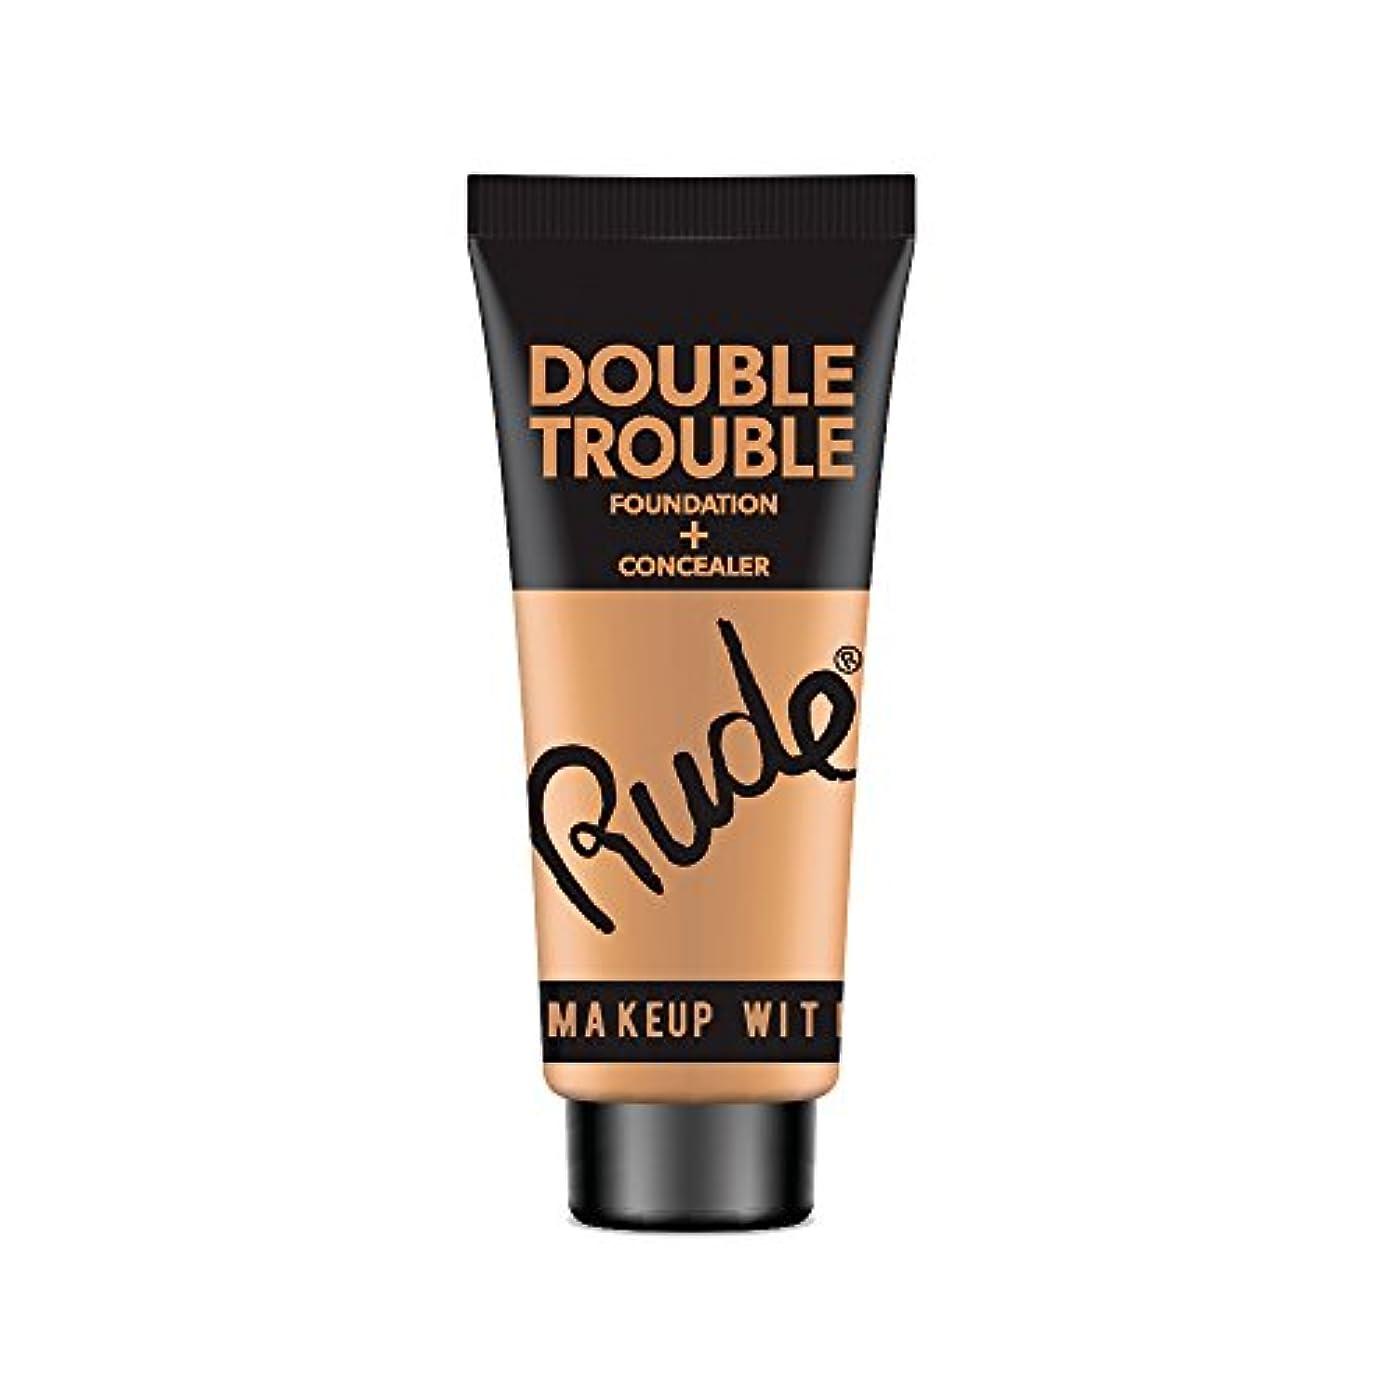 説教存在するオンス(6 Pack) RUDE Double Trouble Foundation + Concealer - Cocoa (並行輸入品)